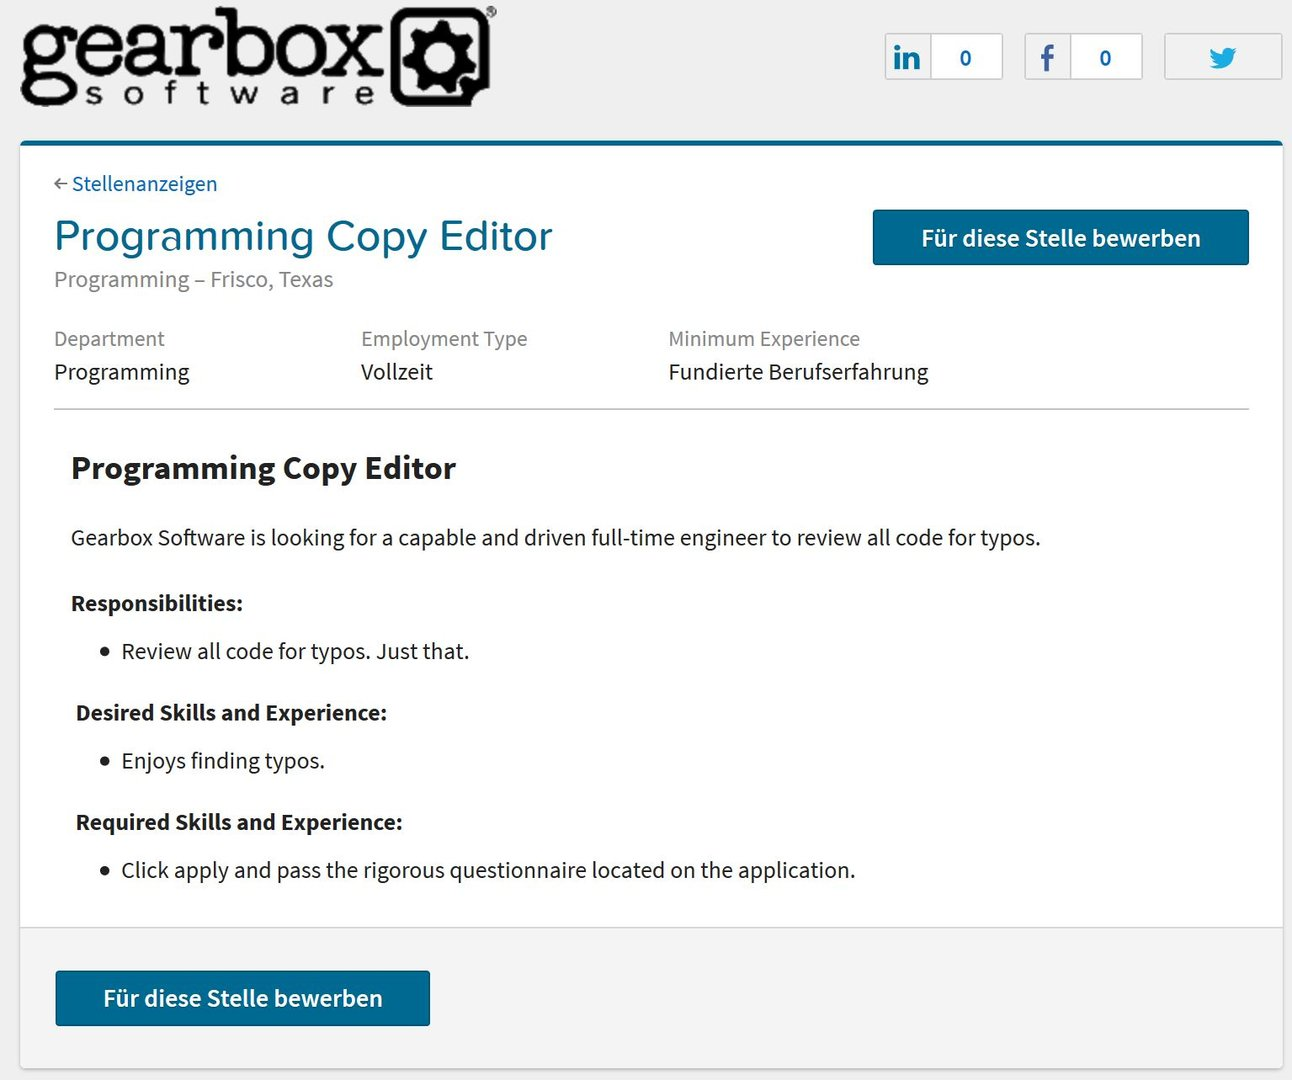 Stellenausschreibung von Gearbox